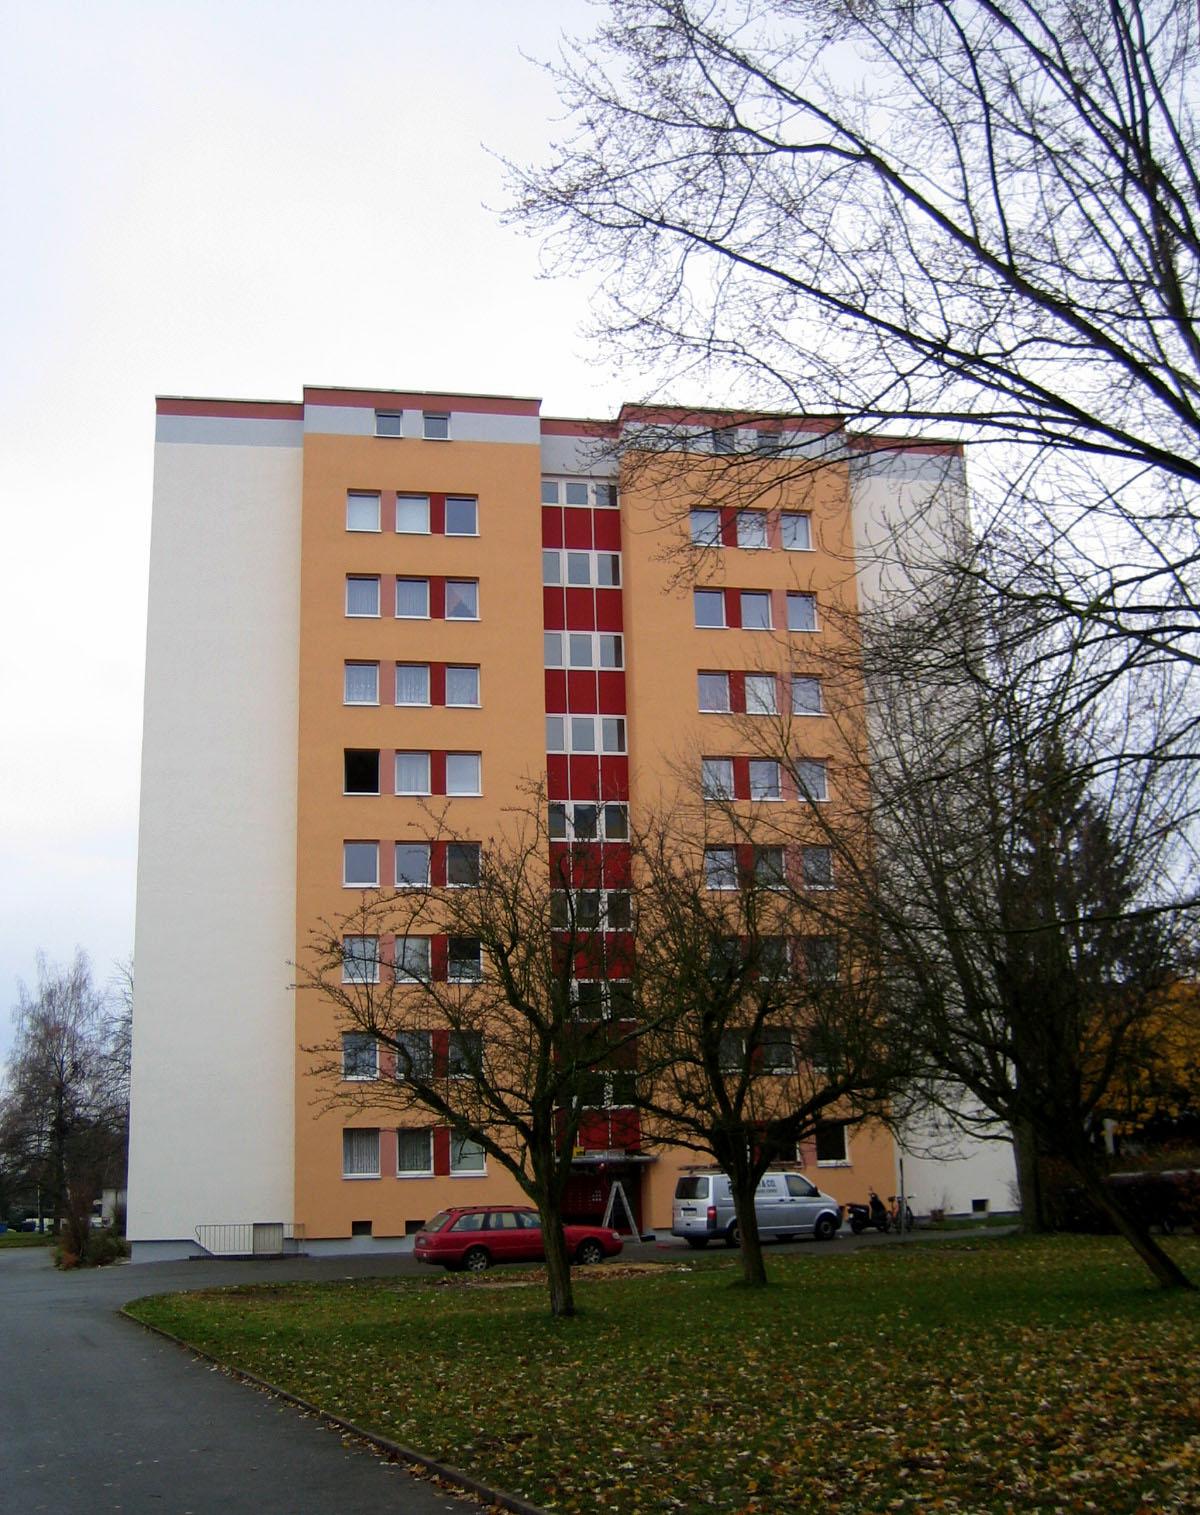 Hardhöhe, Fürth